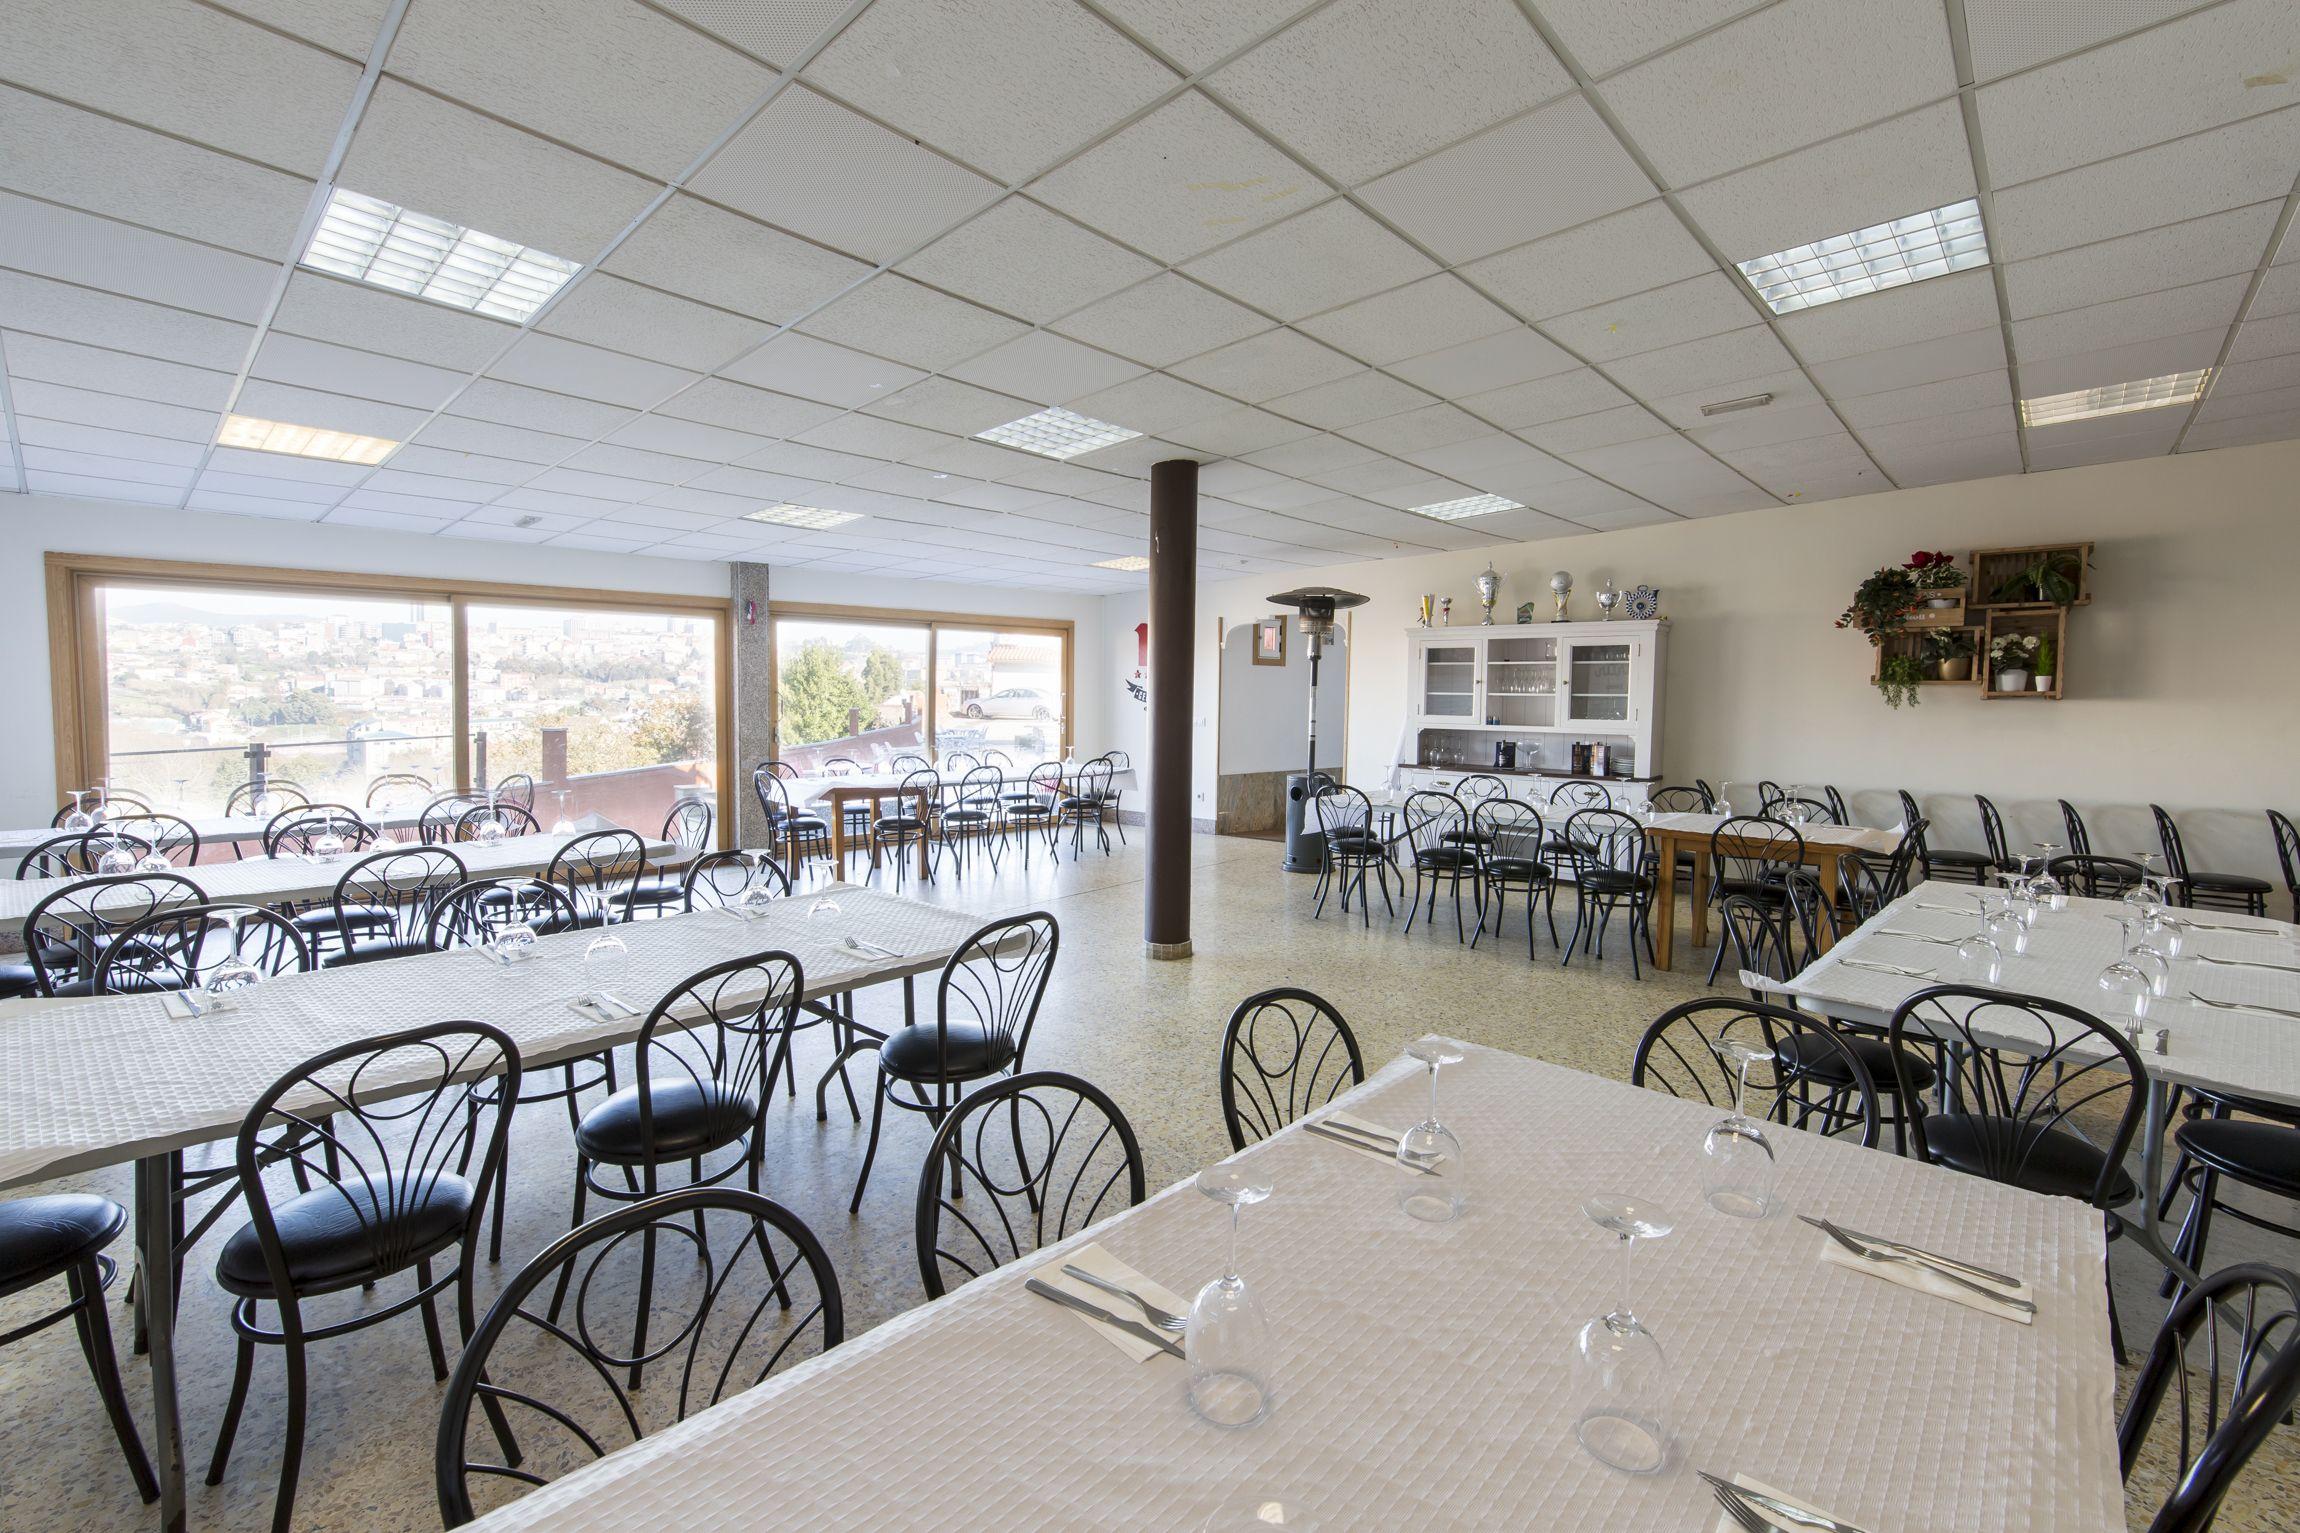 Restaurantes en Vigo